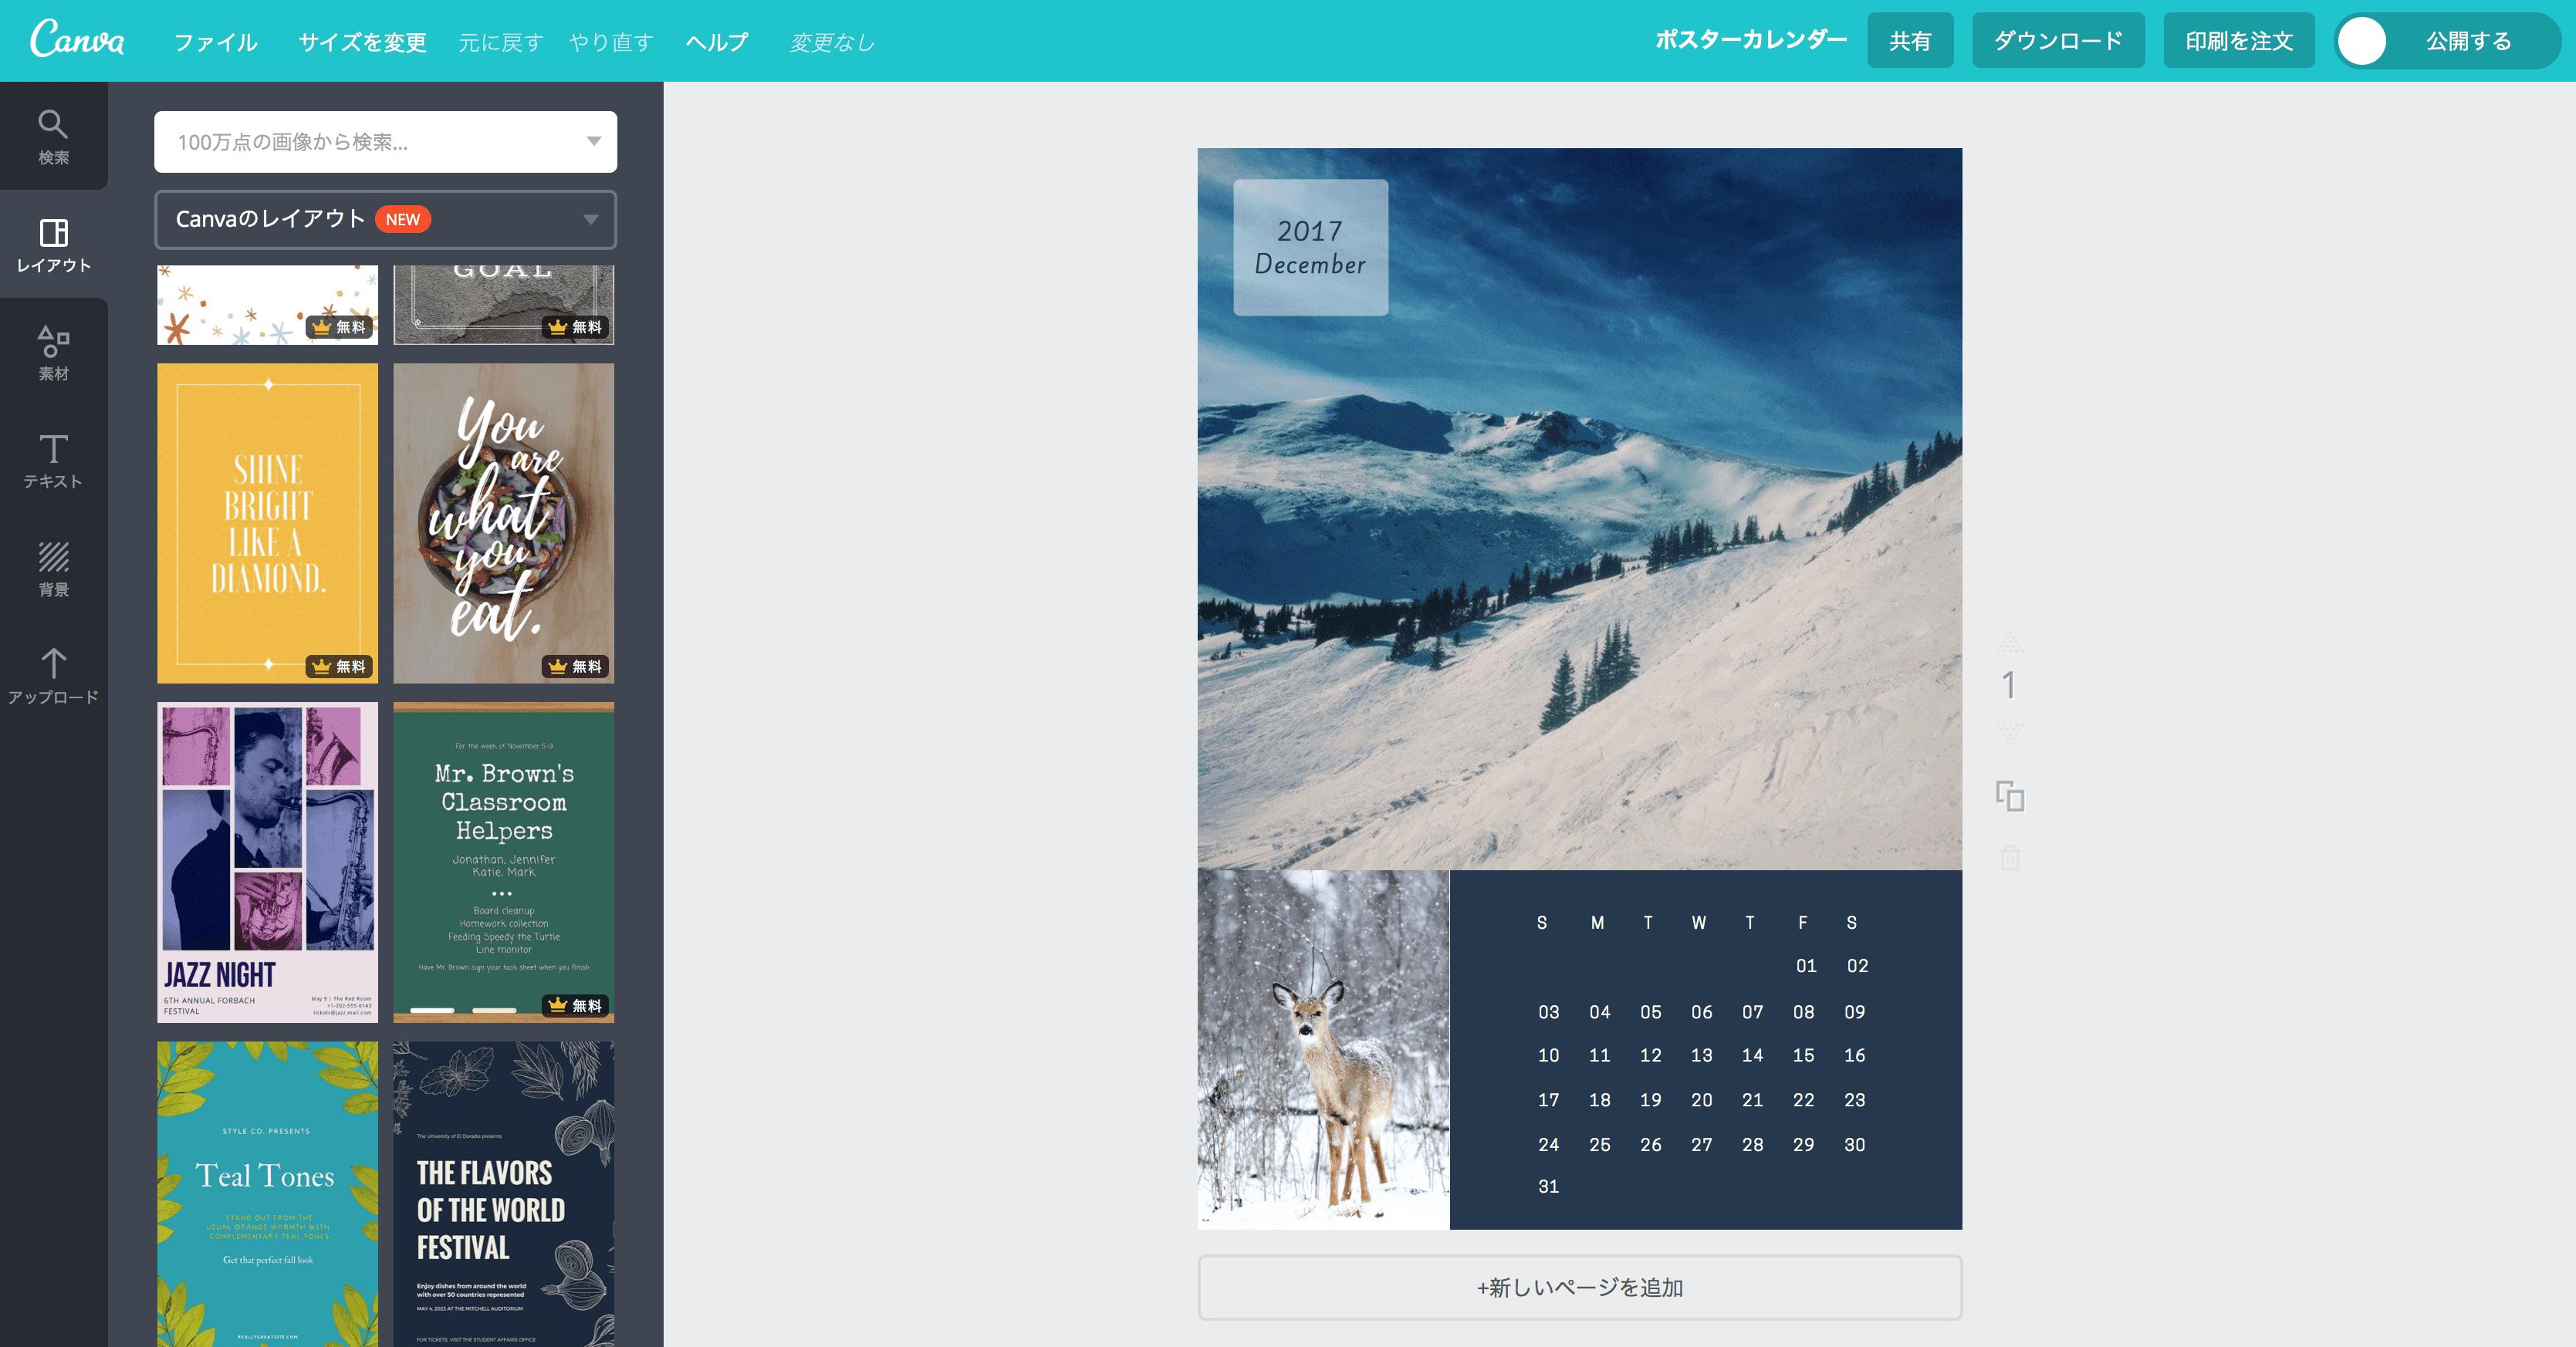 オリジナルのポスターカレンダーを作成